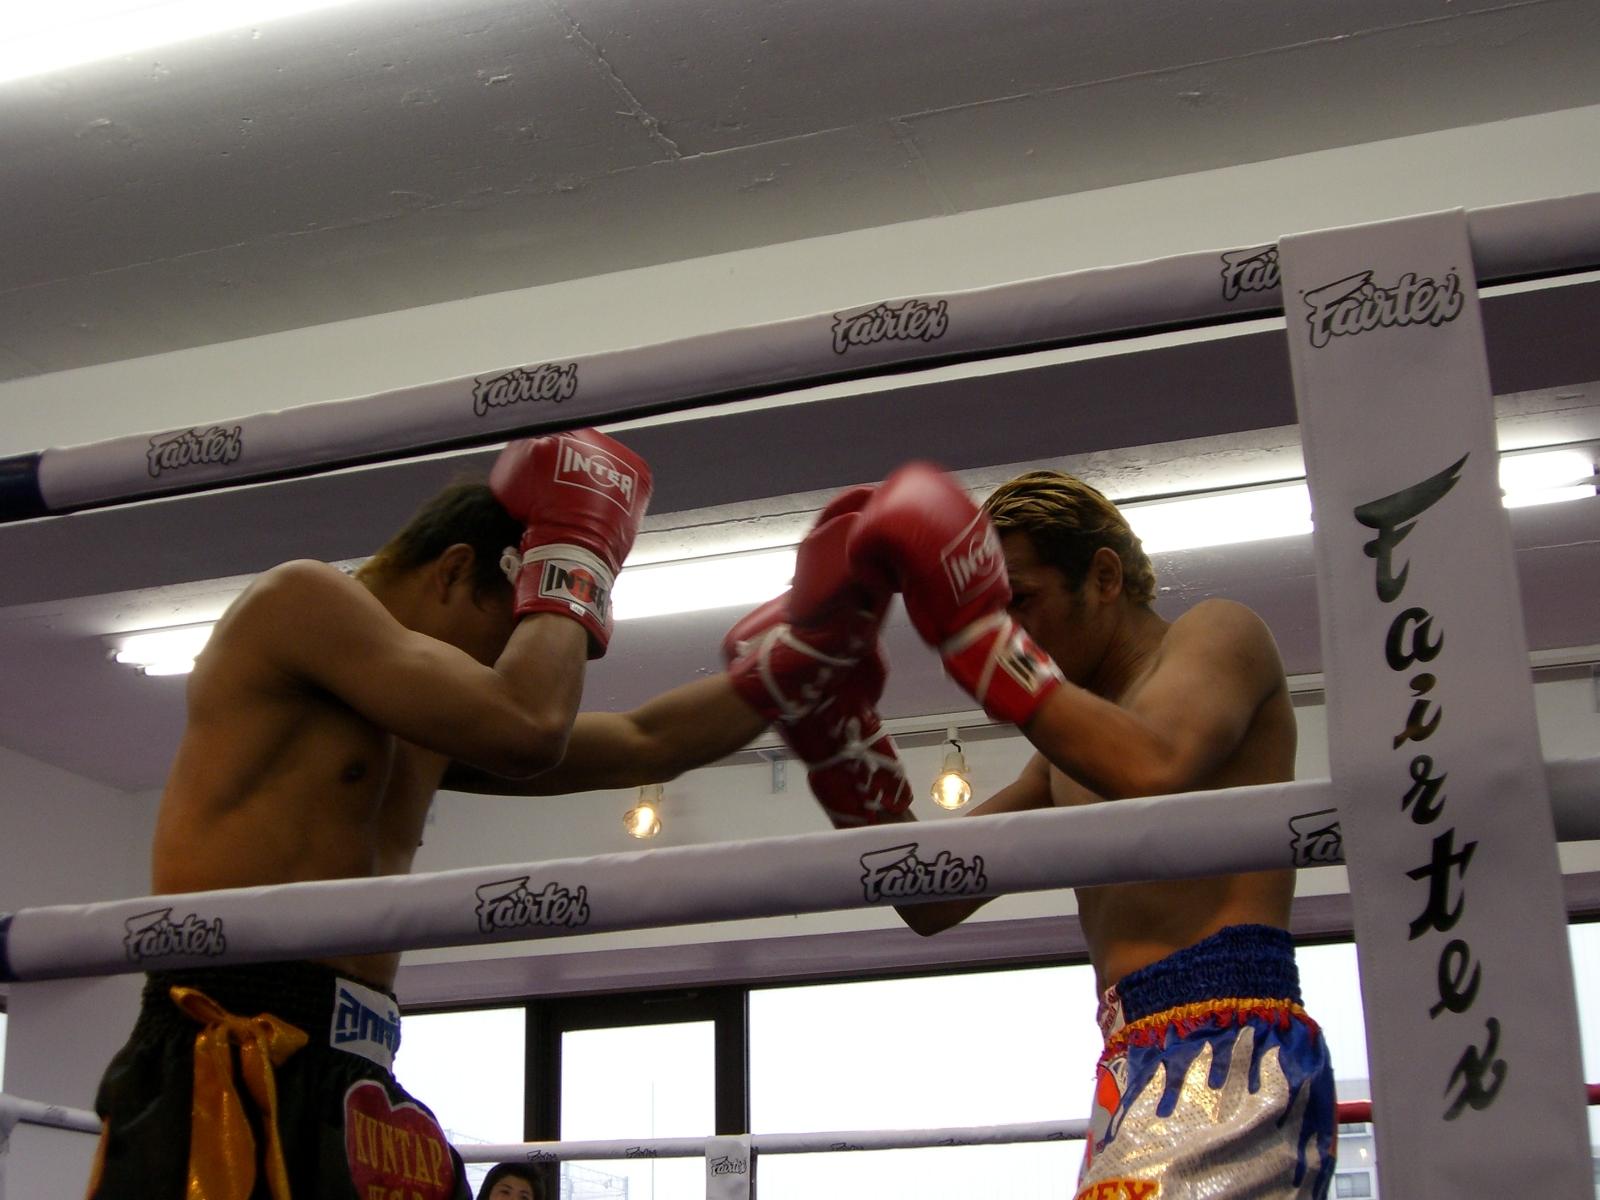 タイ旅行でムエタイ・ボクシング体験しませんか!【THE WOLF BOXING GYM】